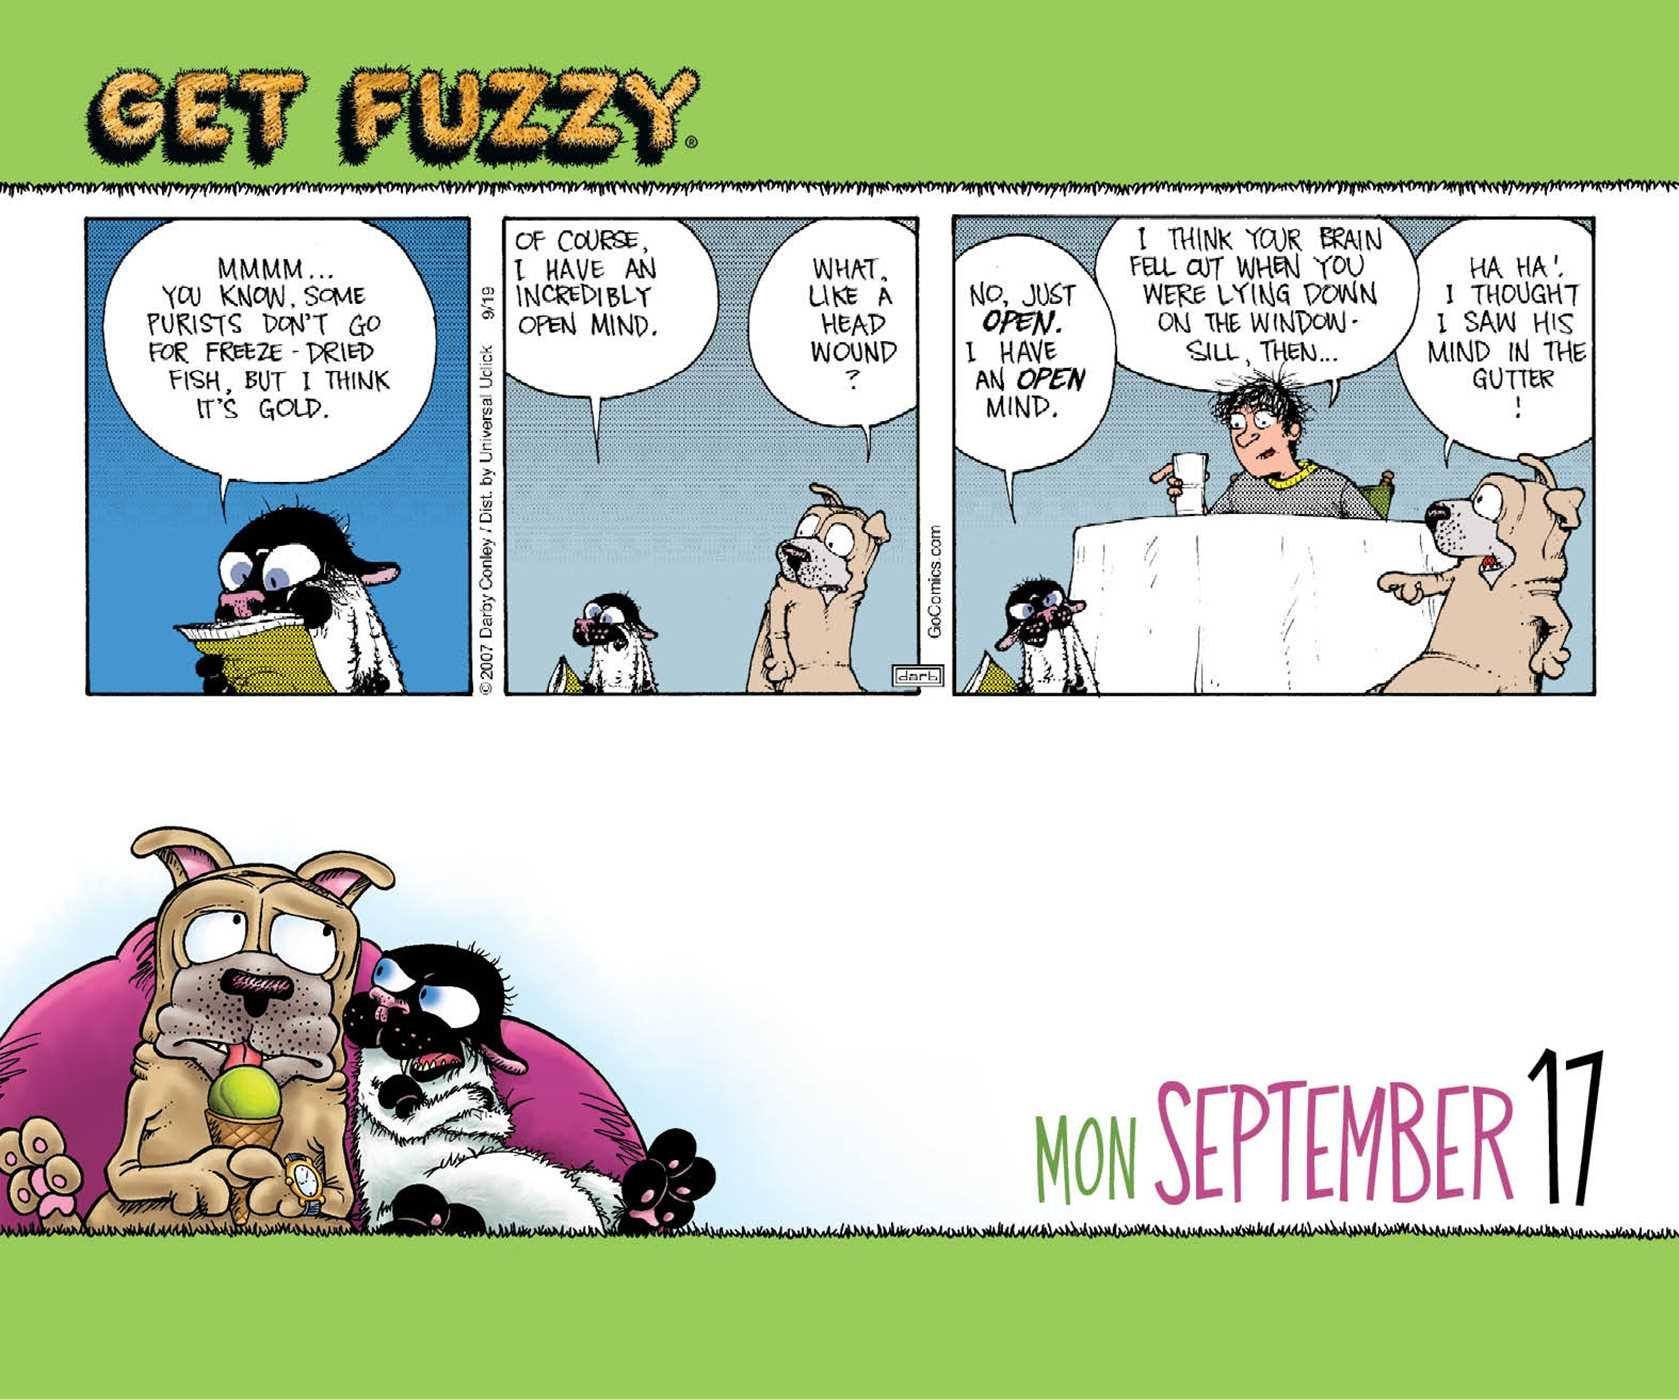 Get Fuzzy 2018 Calendar Amazonde Darby Conley Fremdsprachige Bücher